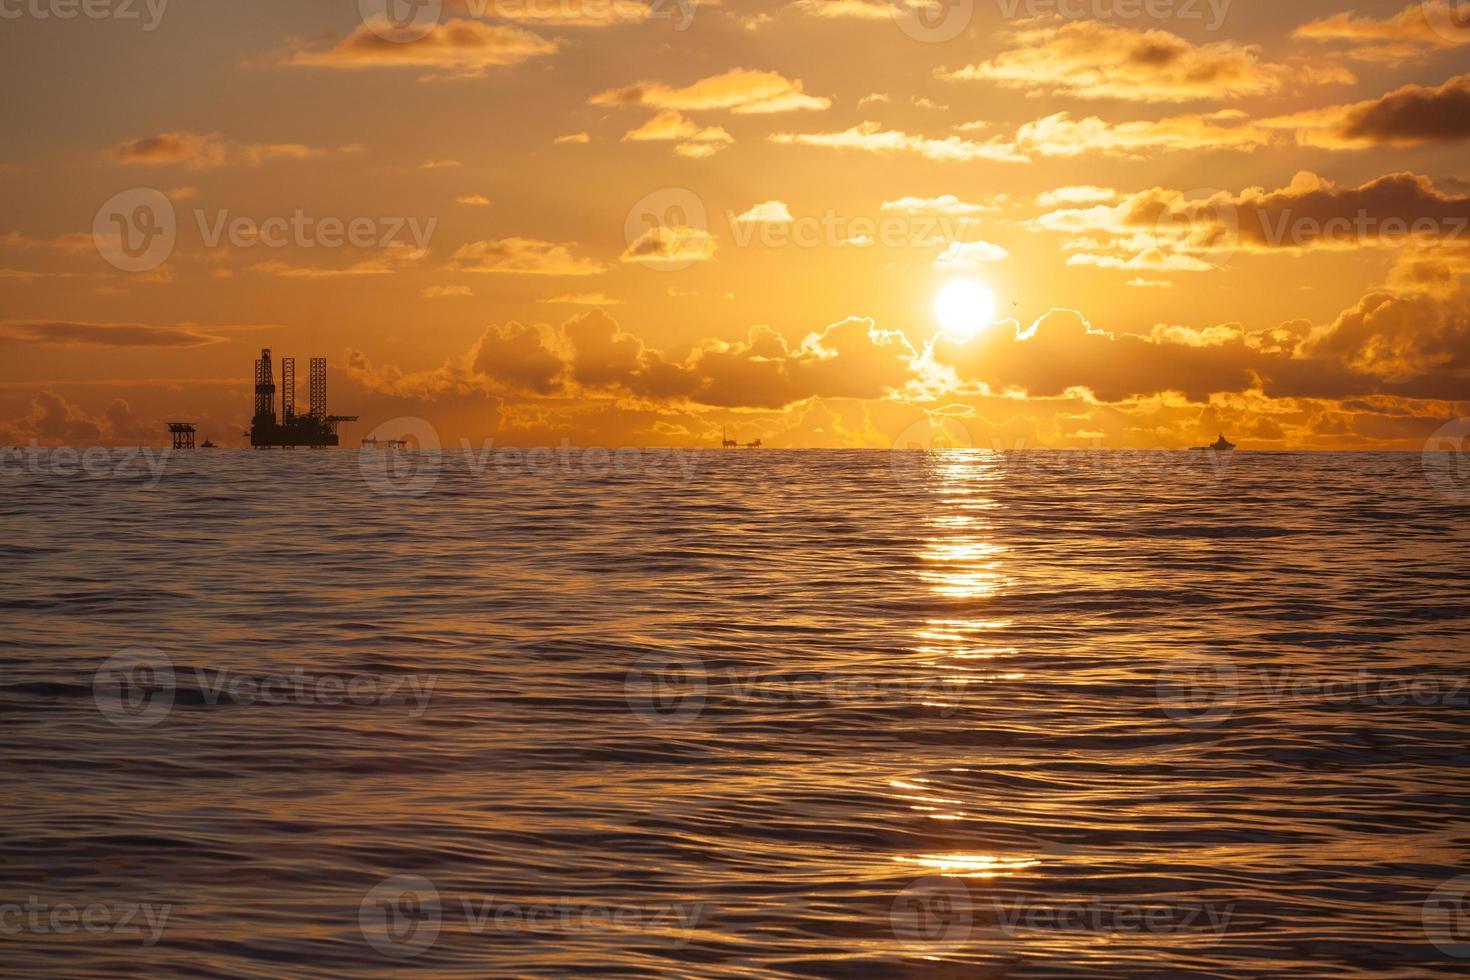 plate-forme pétrolière sur la mer du nord photo